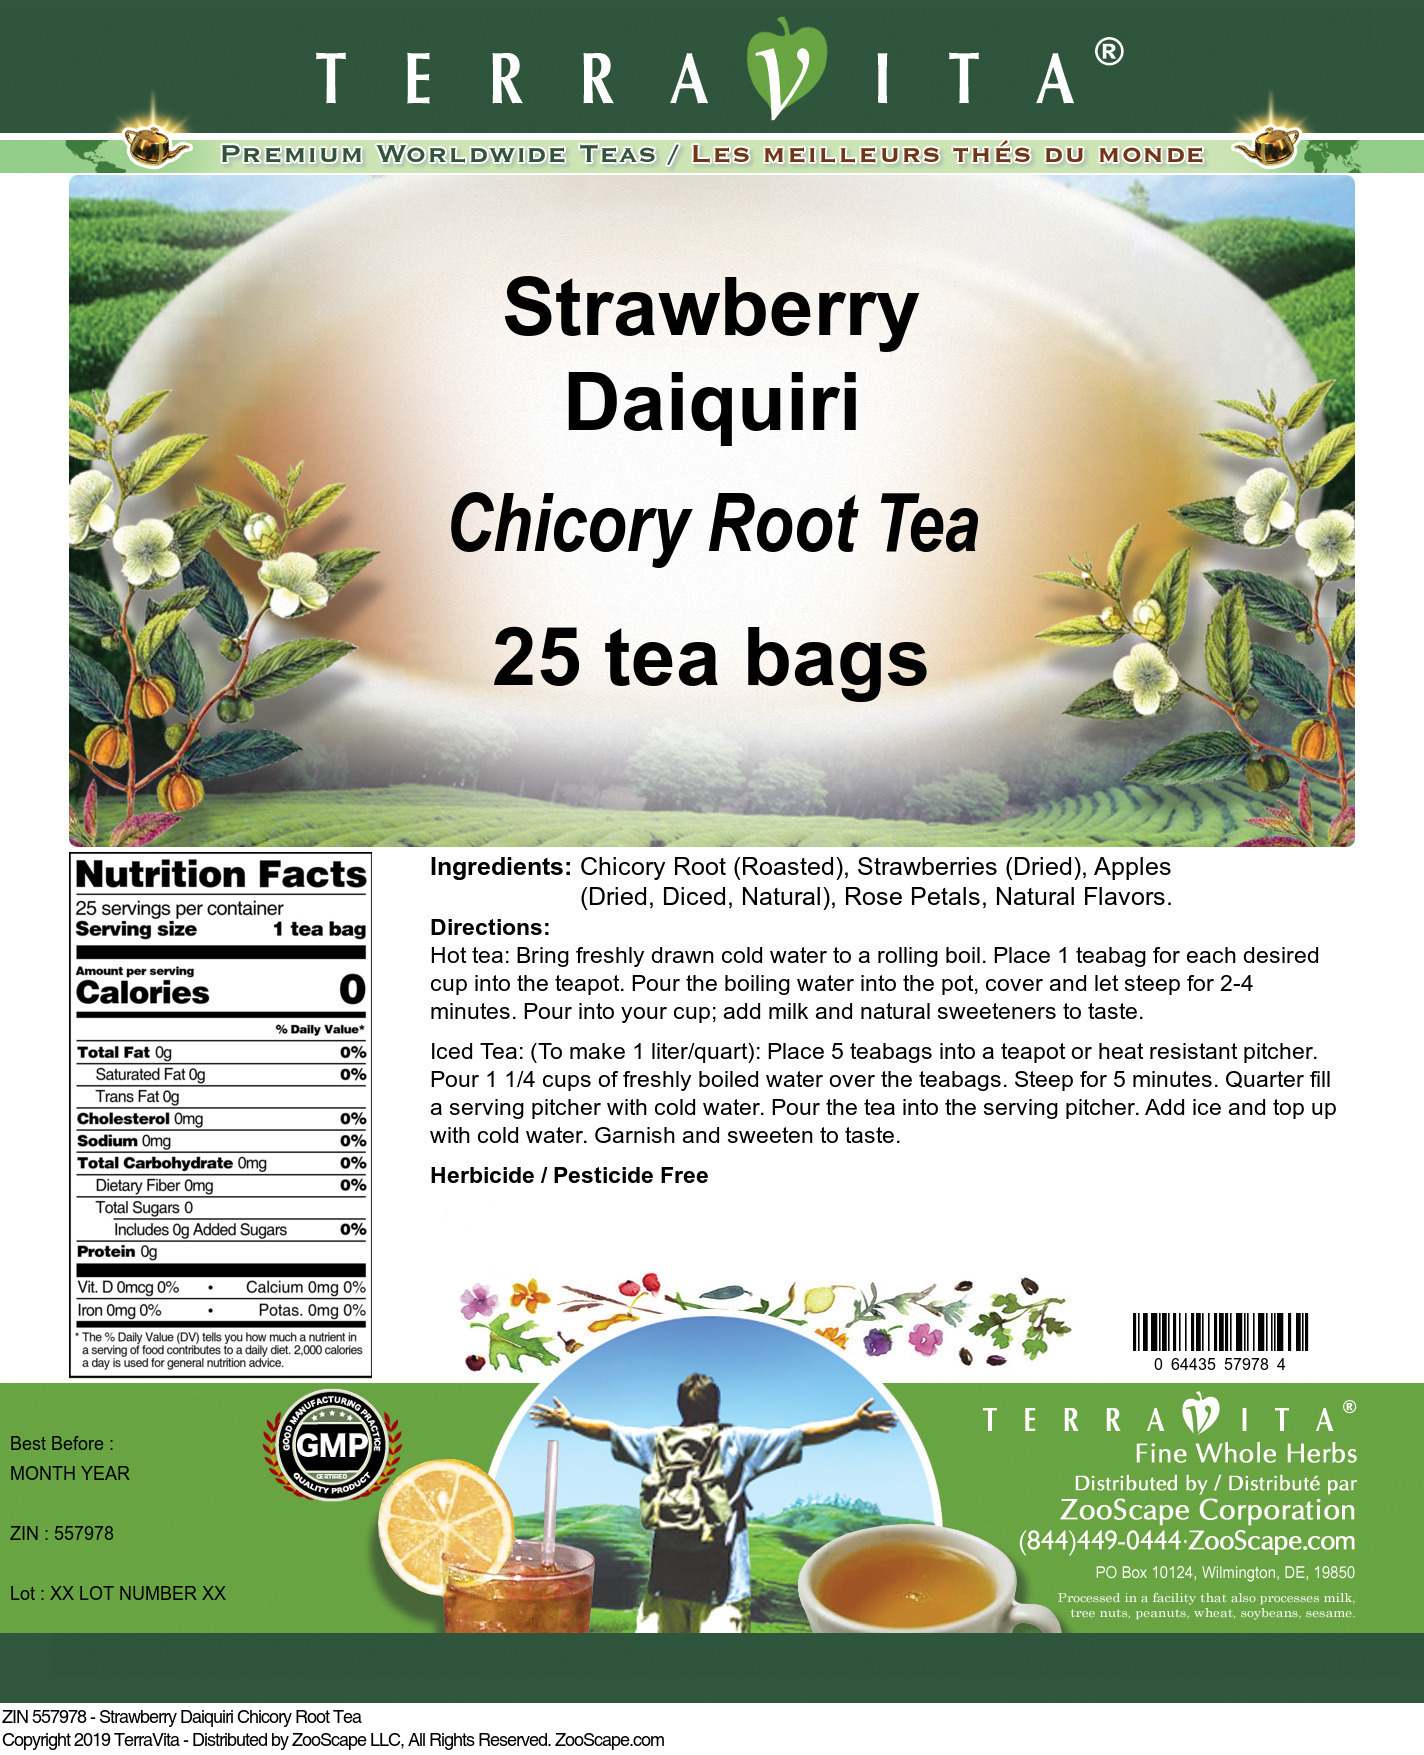 Strawberry Daiquiri Chicory Root